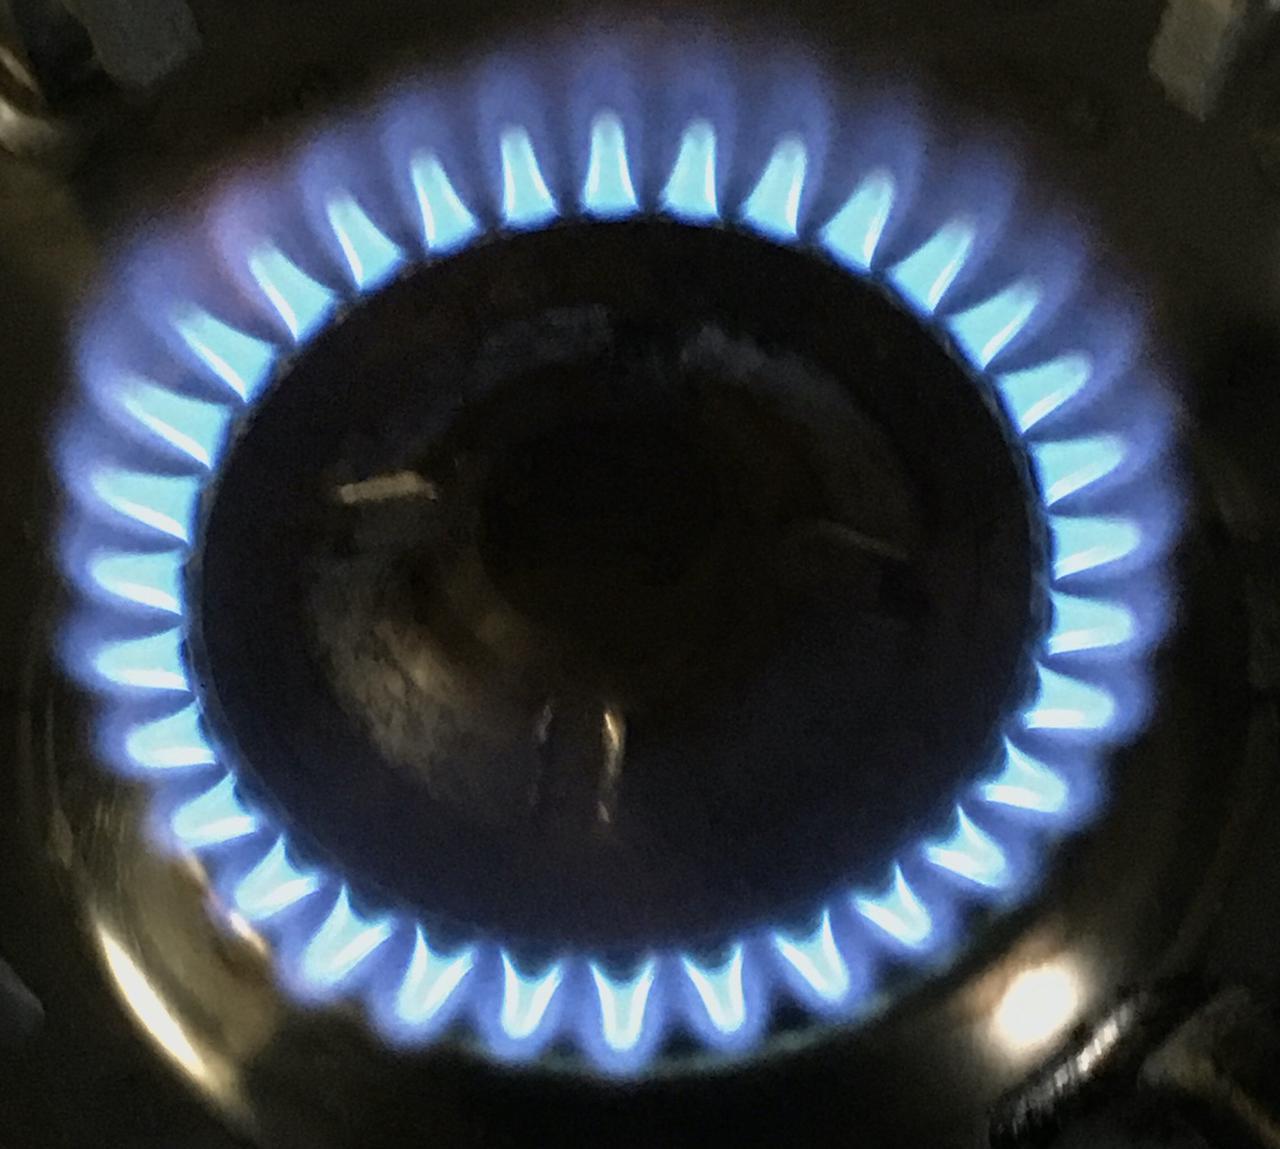 画像: 【カセットコンロの選び方②】燃焼時間・火力・ガス消費量の3点に注目! 燃焼時間の目安はおよそ60分